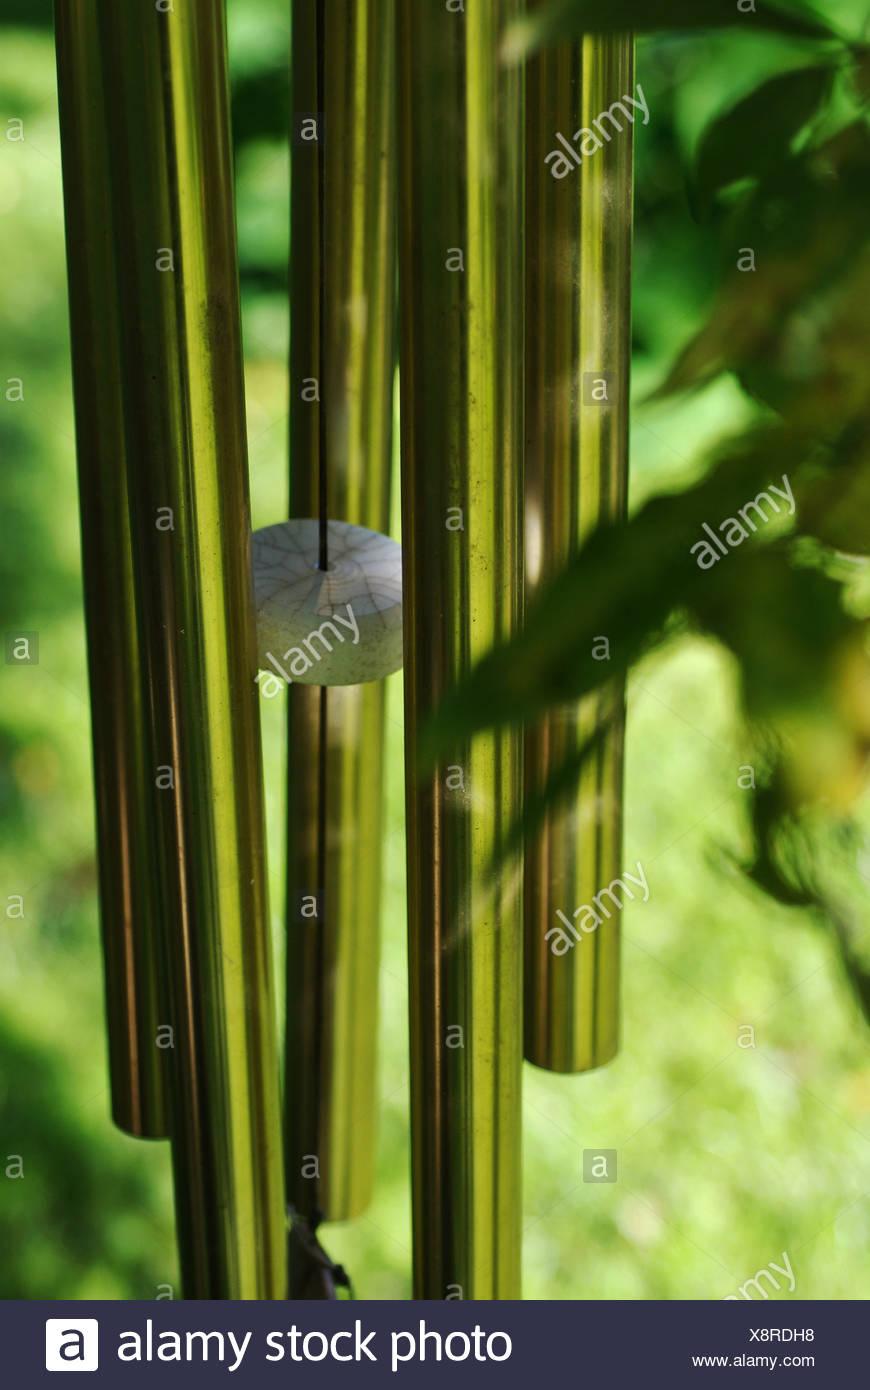 Windlass in greenery - Stock Image